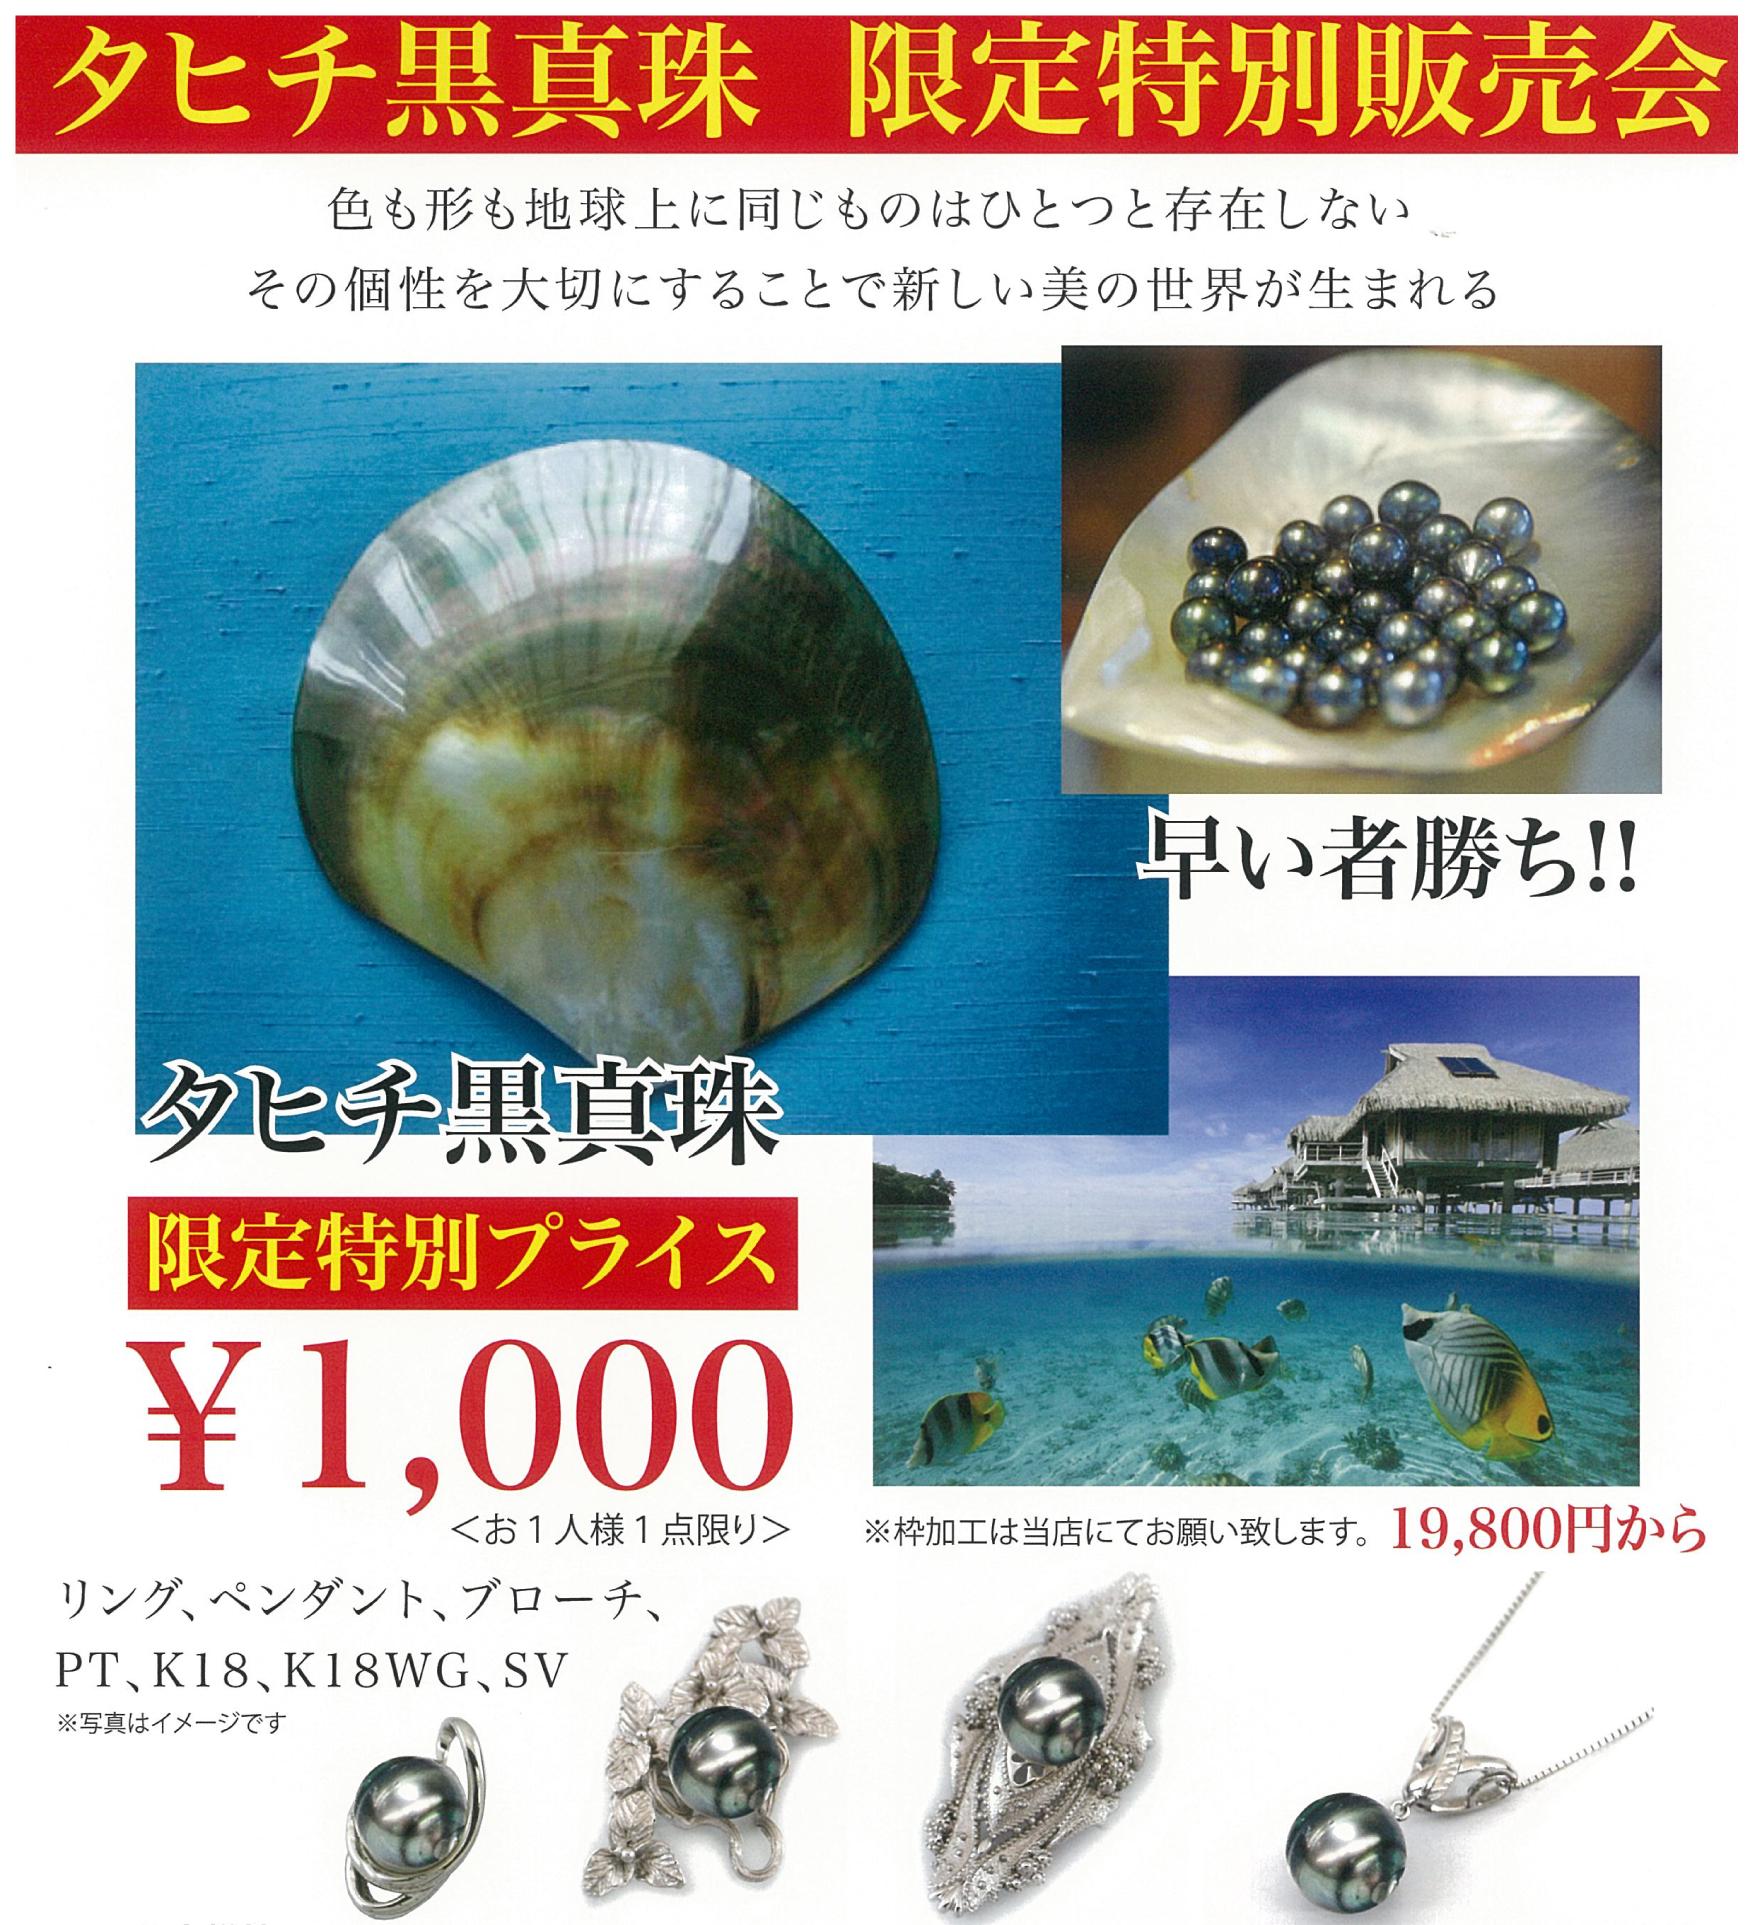 黒真珠.jpg